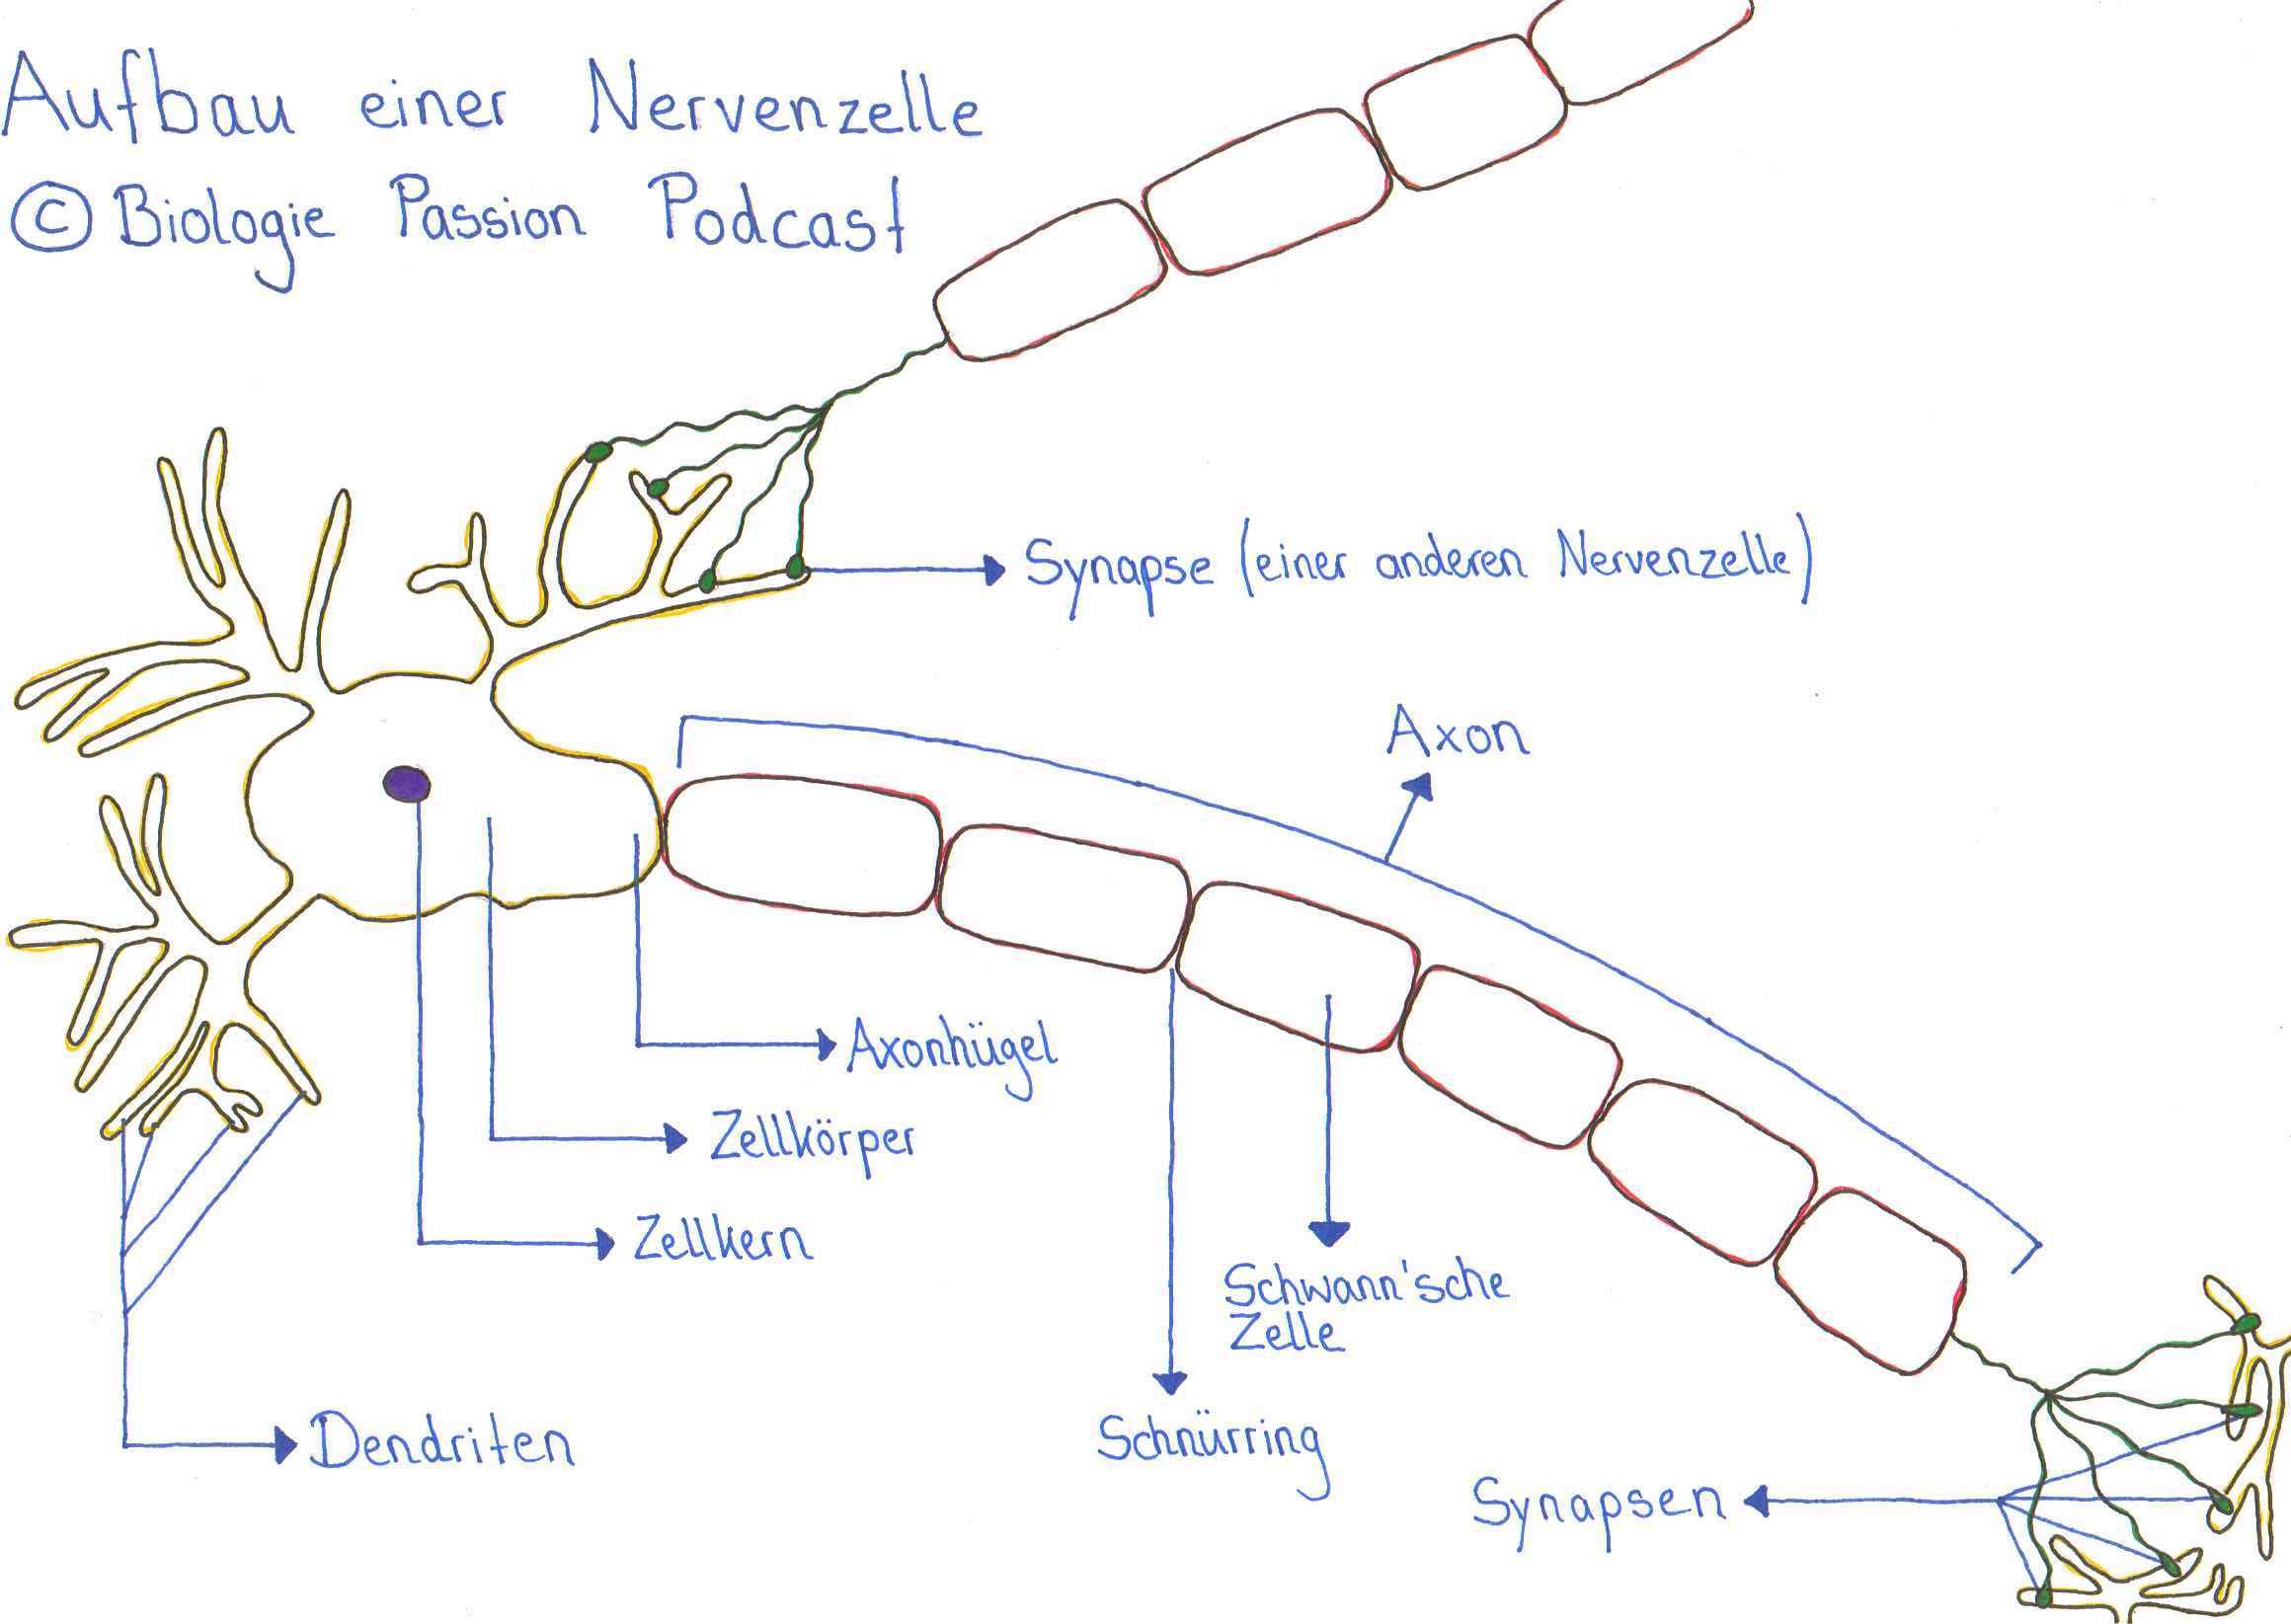 Aufbau einer Nervenzelle - Biologie Passion Podcast